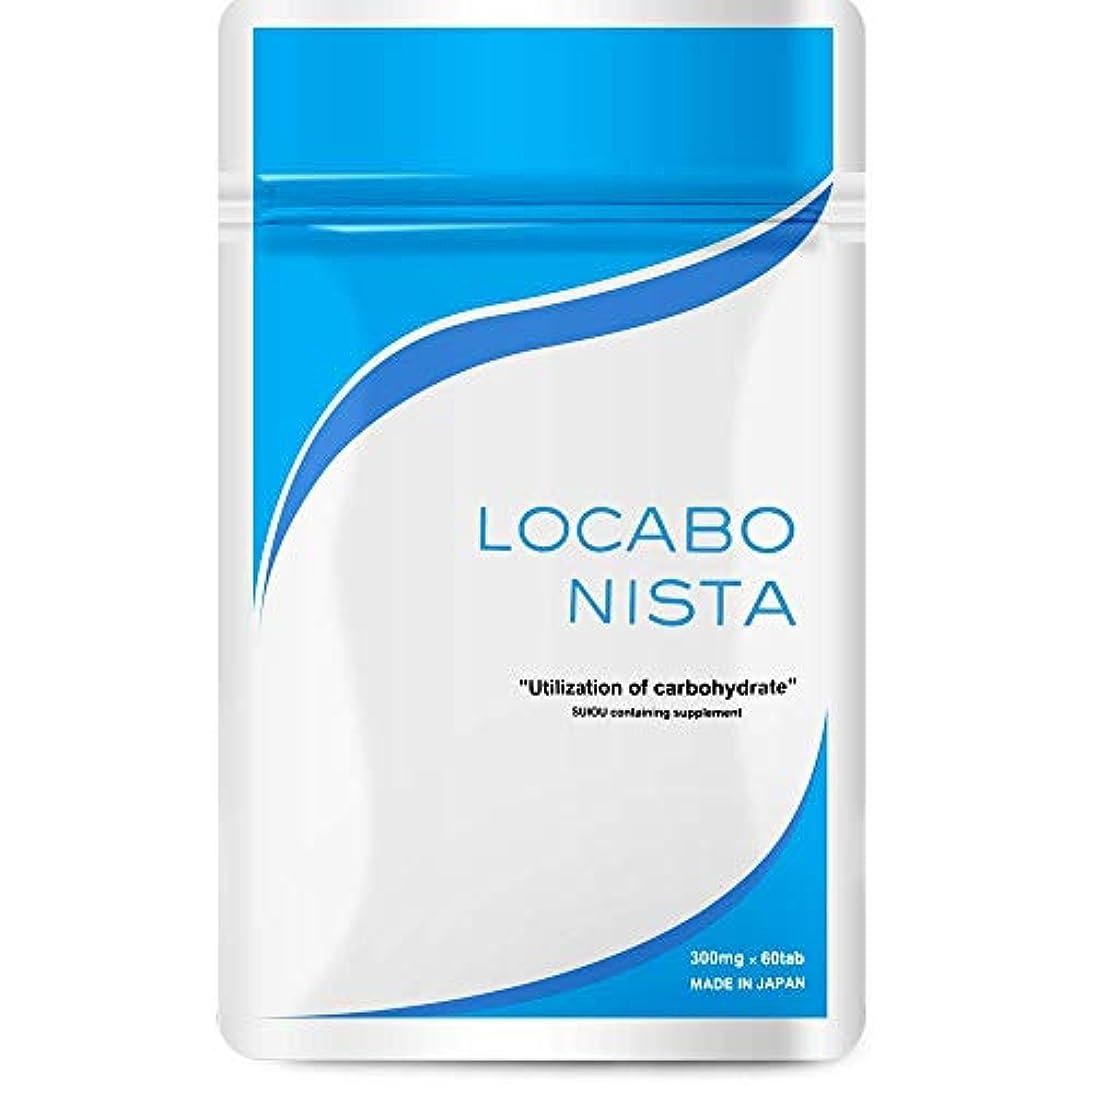 リマ三角形再編成するダイエット サプリ 燃焼系 糖質活用 LOCABO NISTA ロカボ ニスタ [ GLP-1 すいおう α-リポ酸 カテキン クロロゲン酸 サプリメント 糖質 コントロール 短期 スリム]